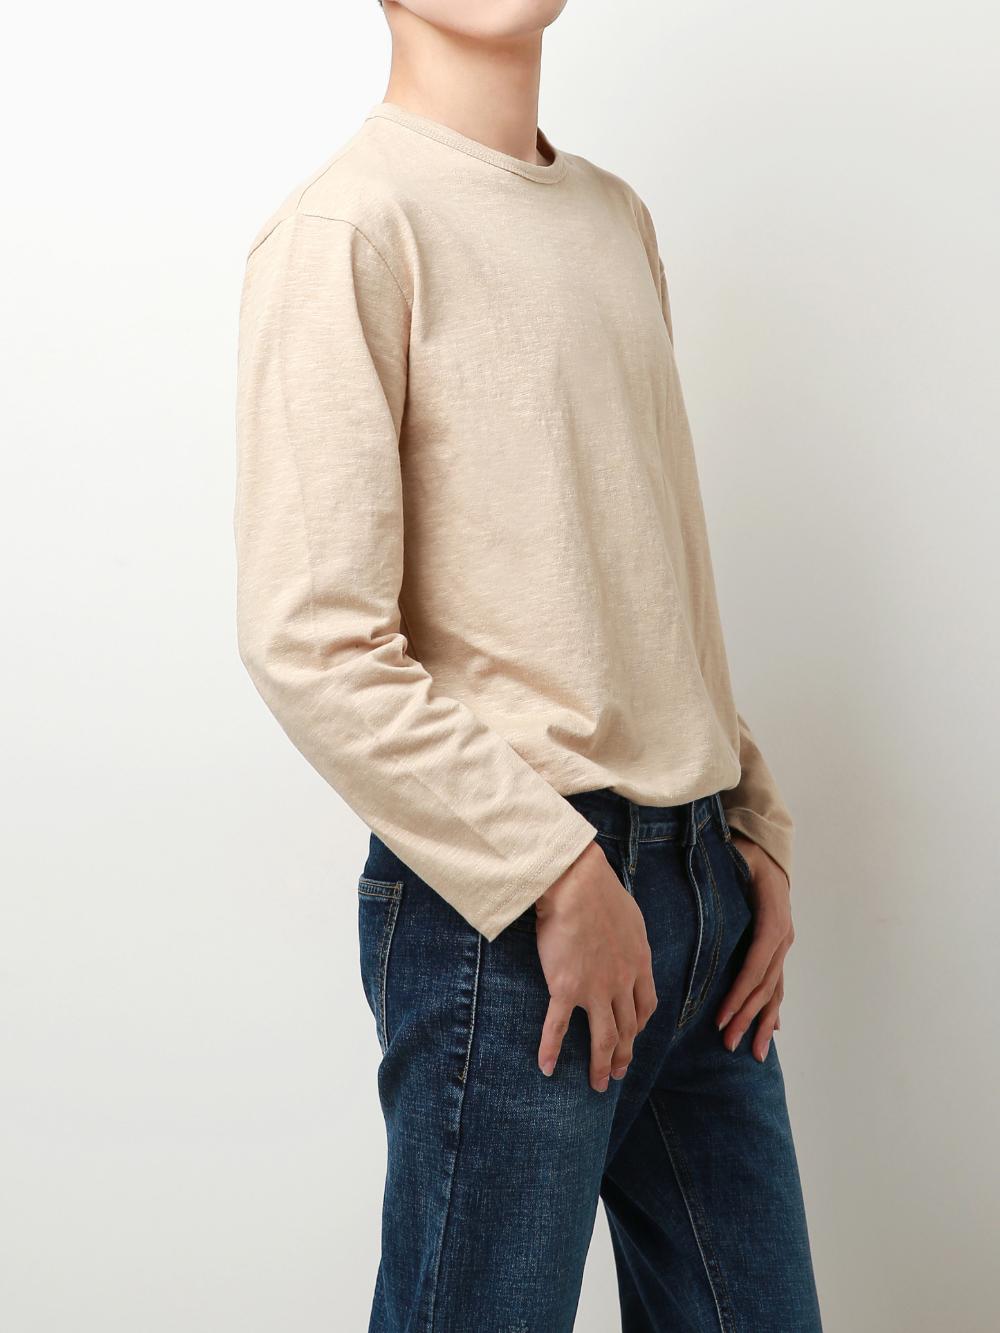 긴팔 티셔츠 모델 착용 이미지-S1L32